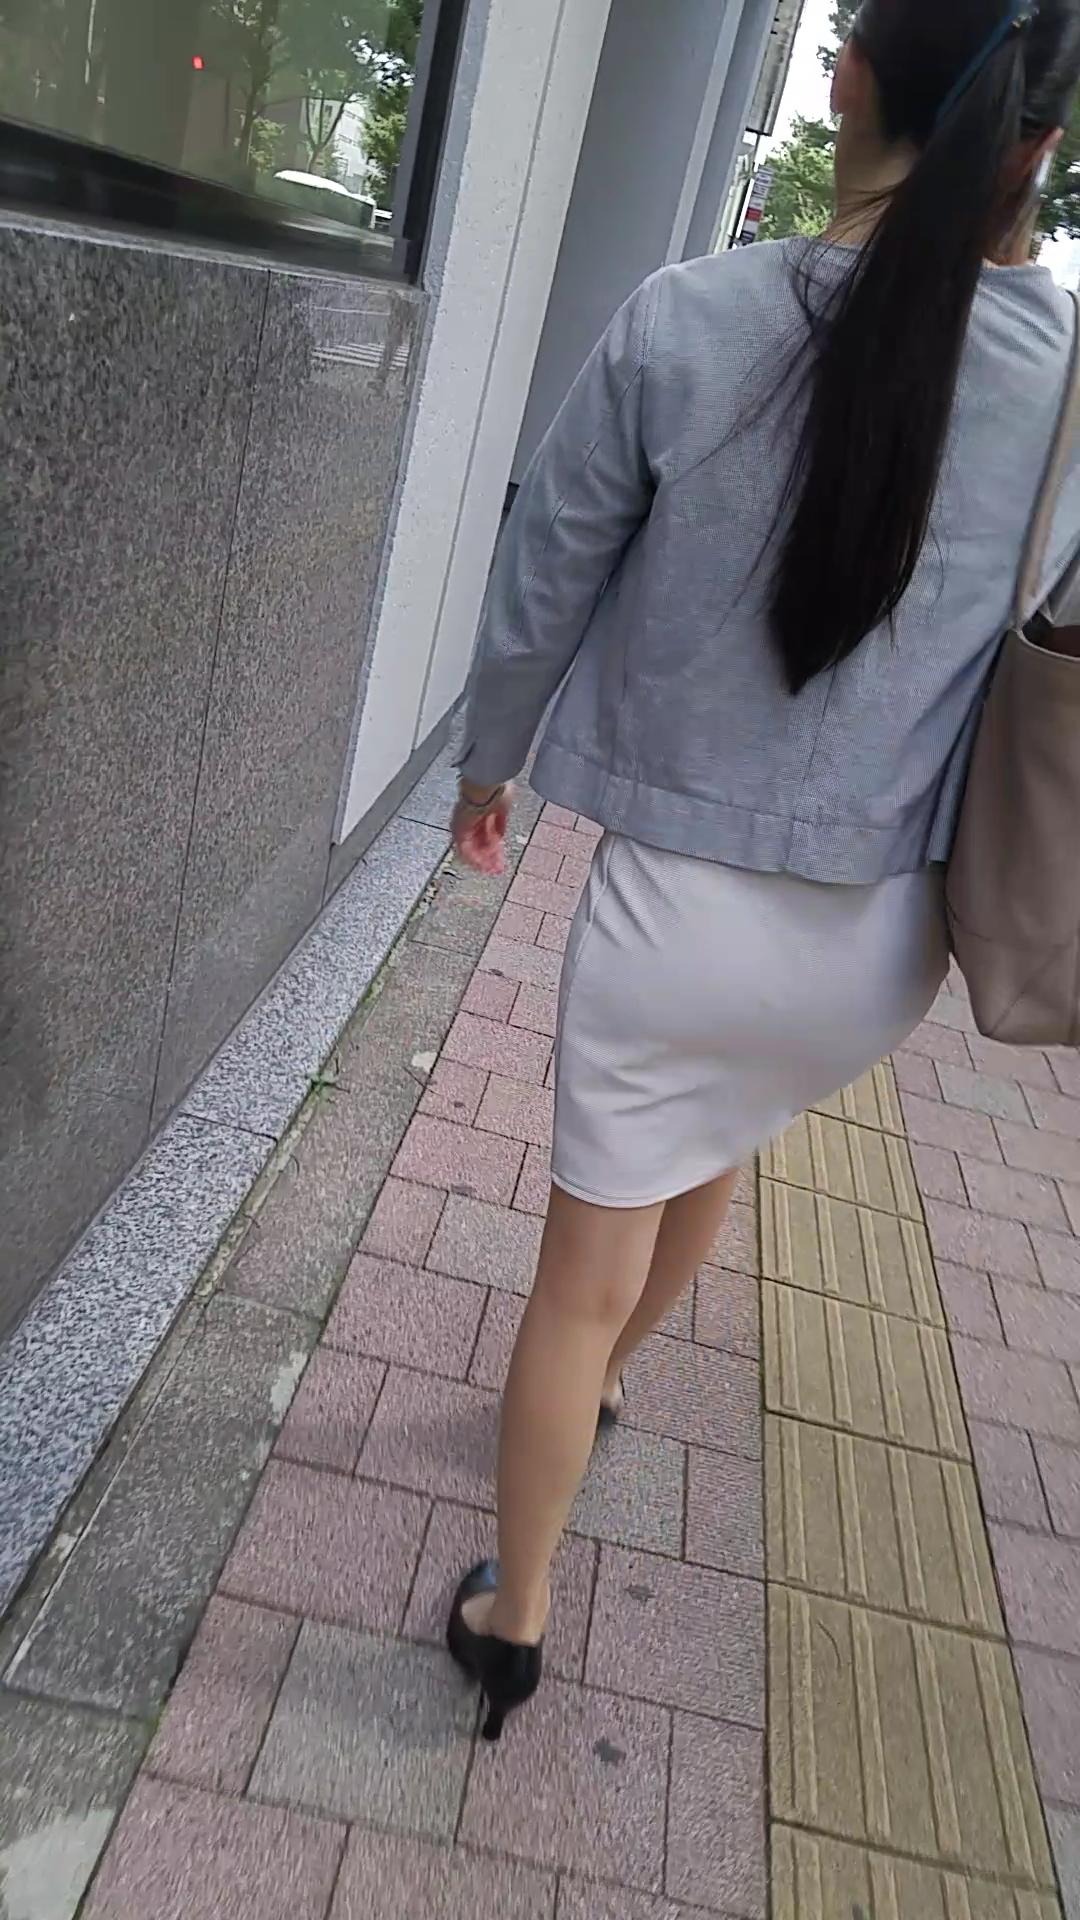 20160909_130021.jpg